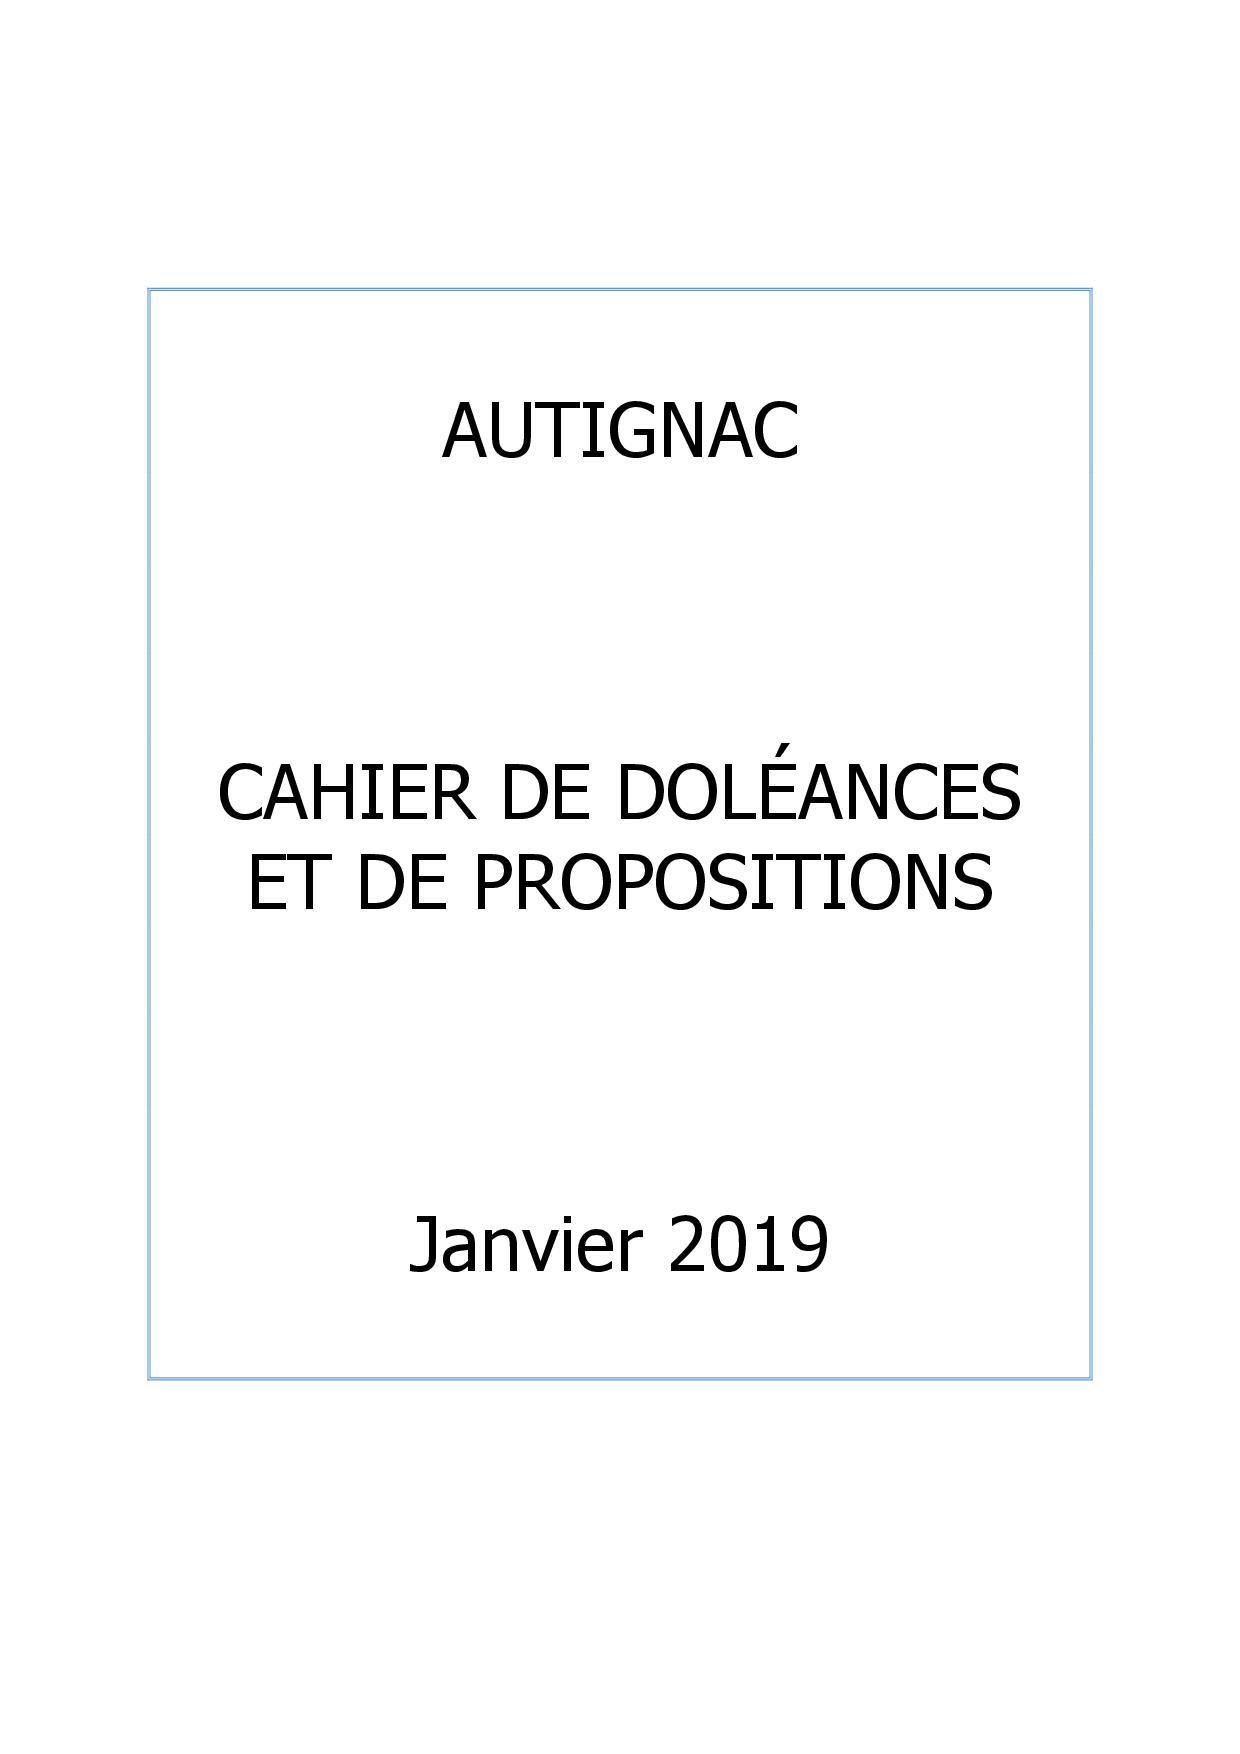 Cahier de doléances et  propositions